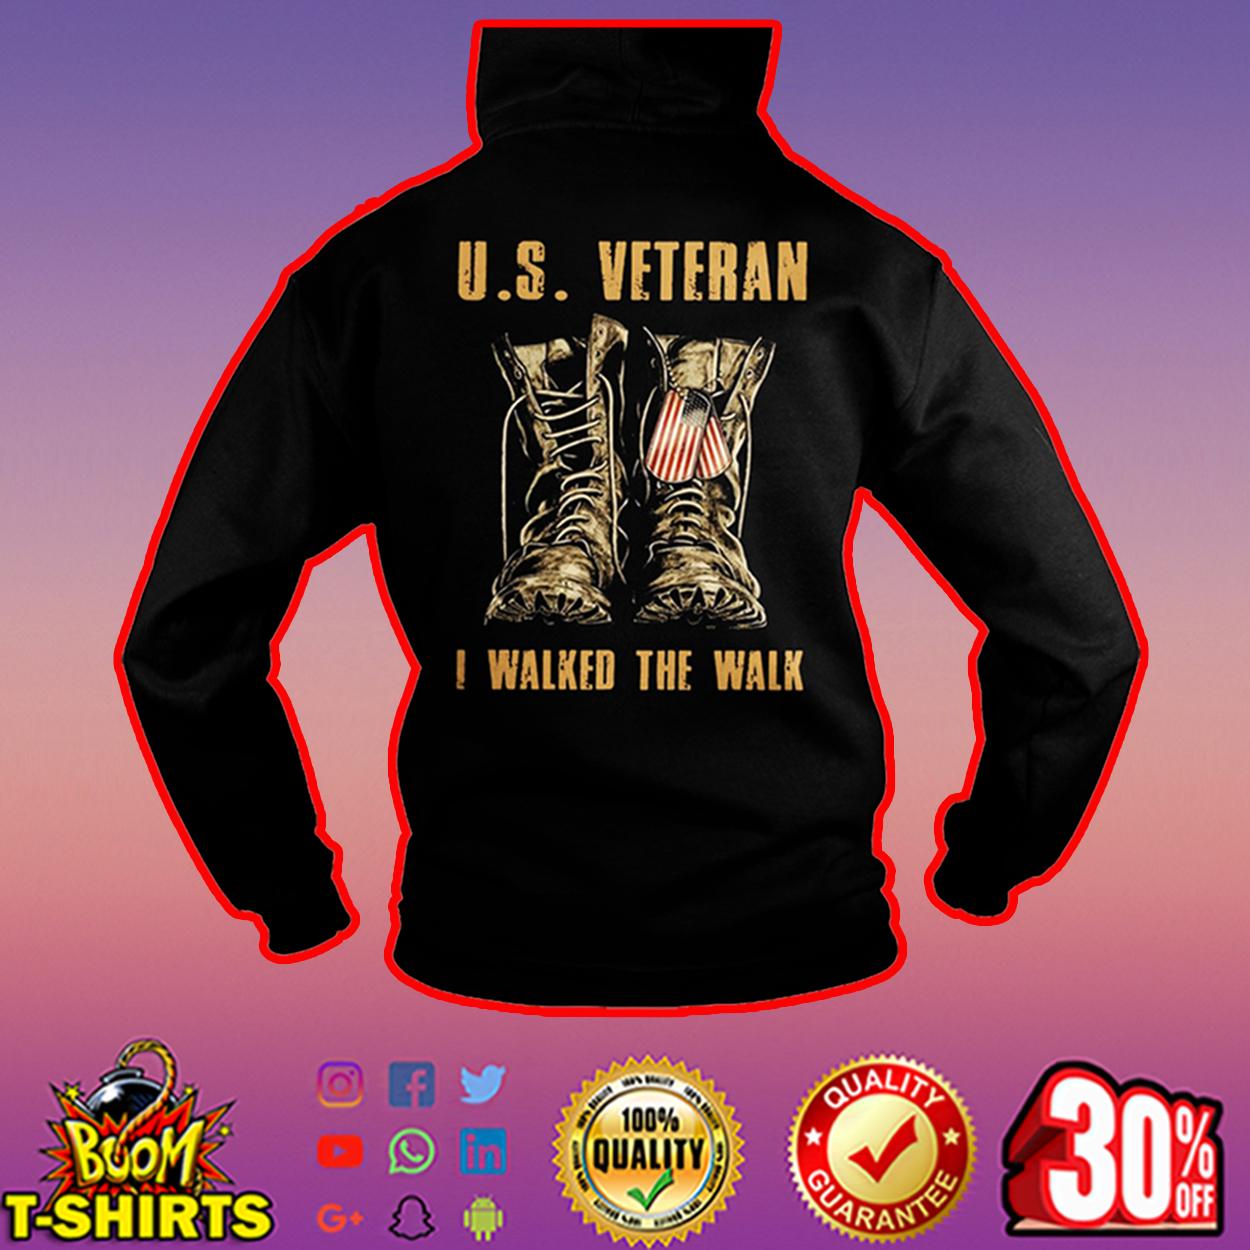 U.S. Veteran I walked the walk hoodie